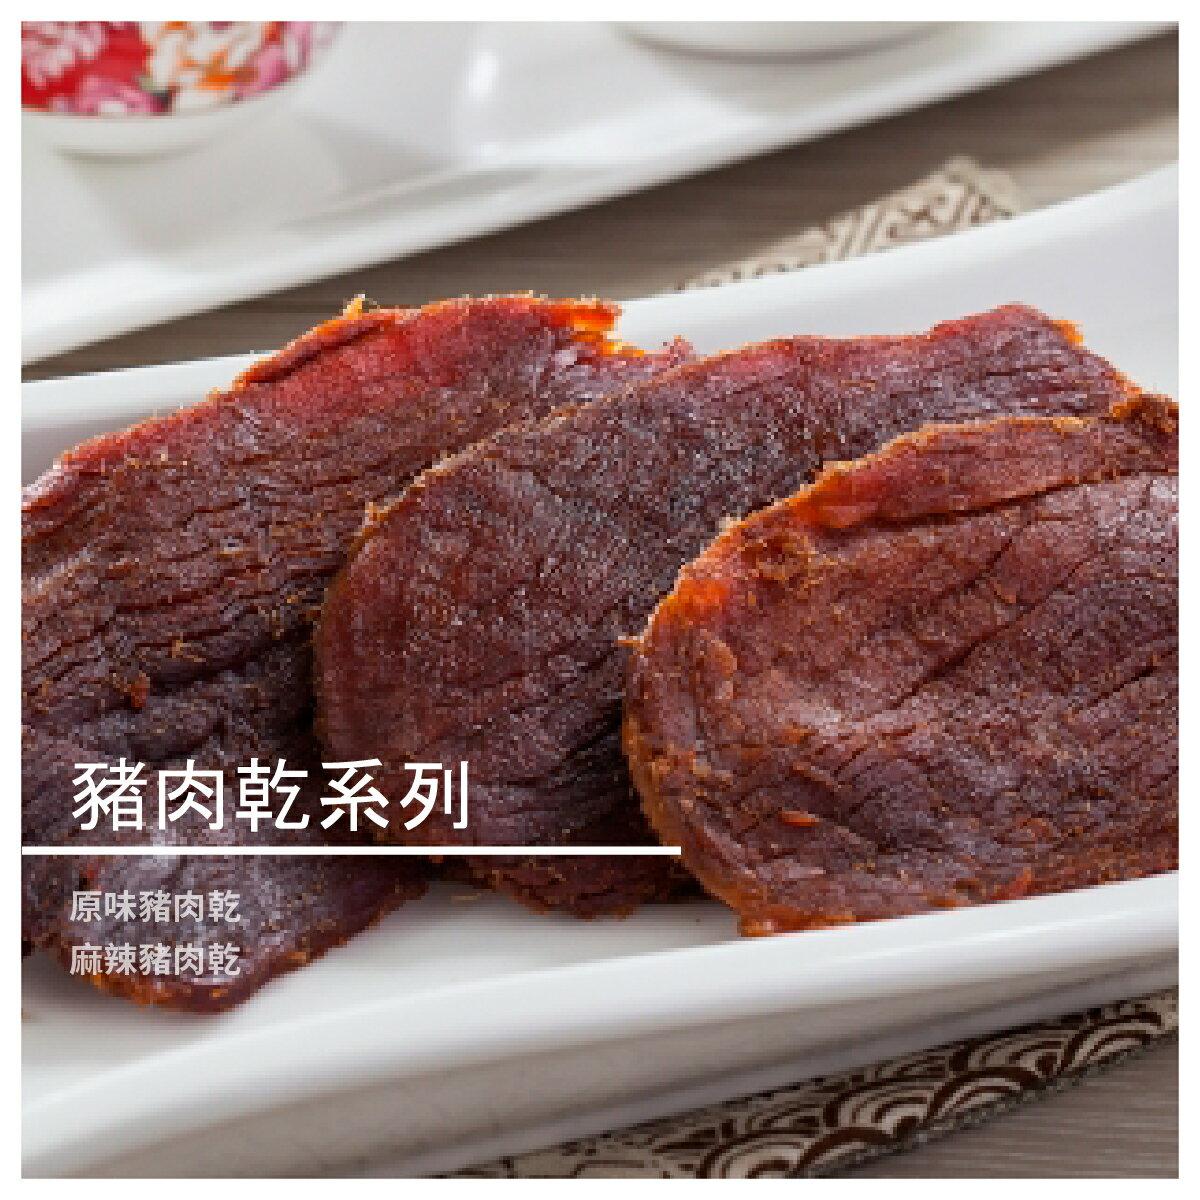 【黃金香肉乾】豬肉乾系列